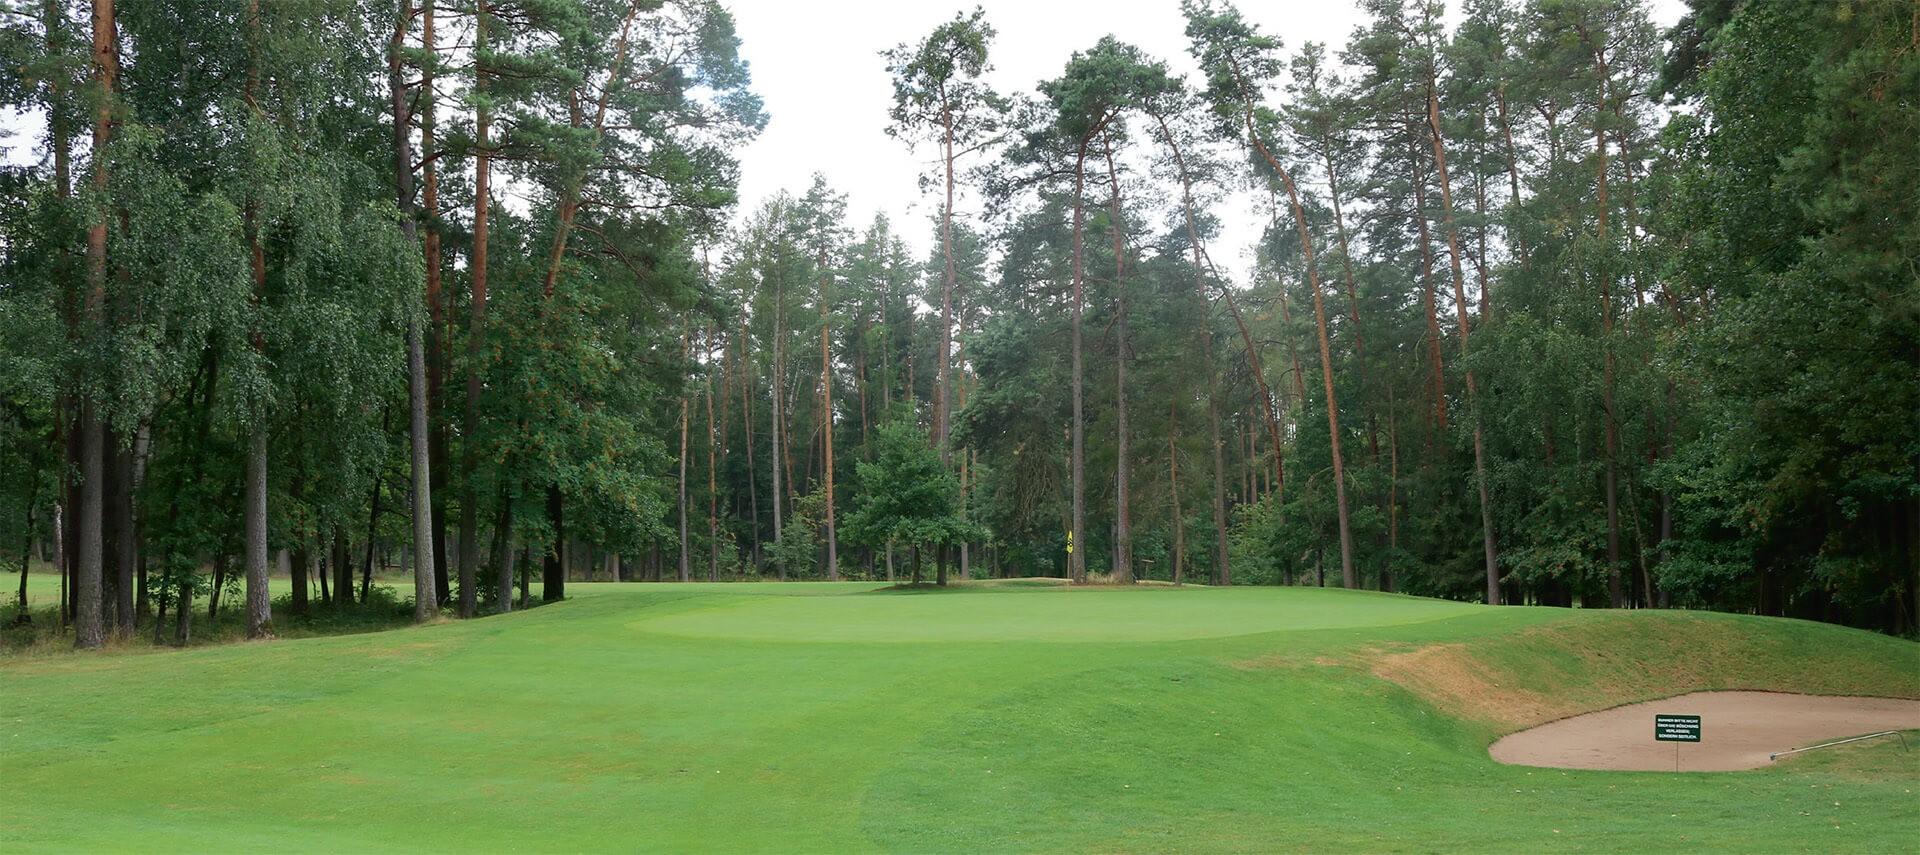 1 - GolfClub Reichswald - 2021-04